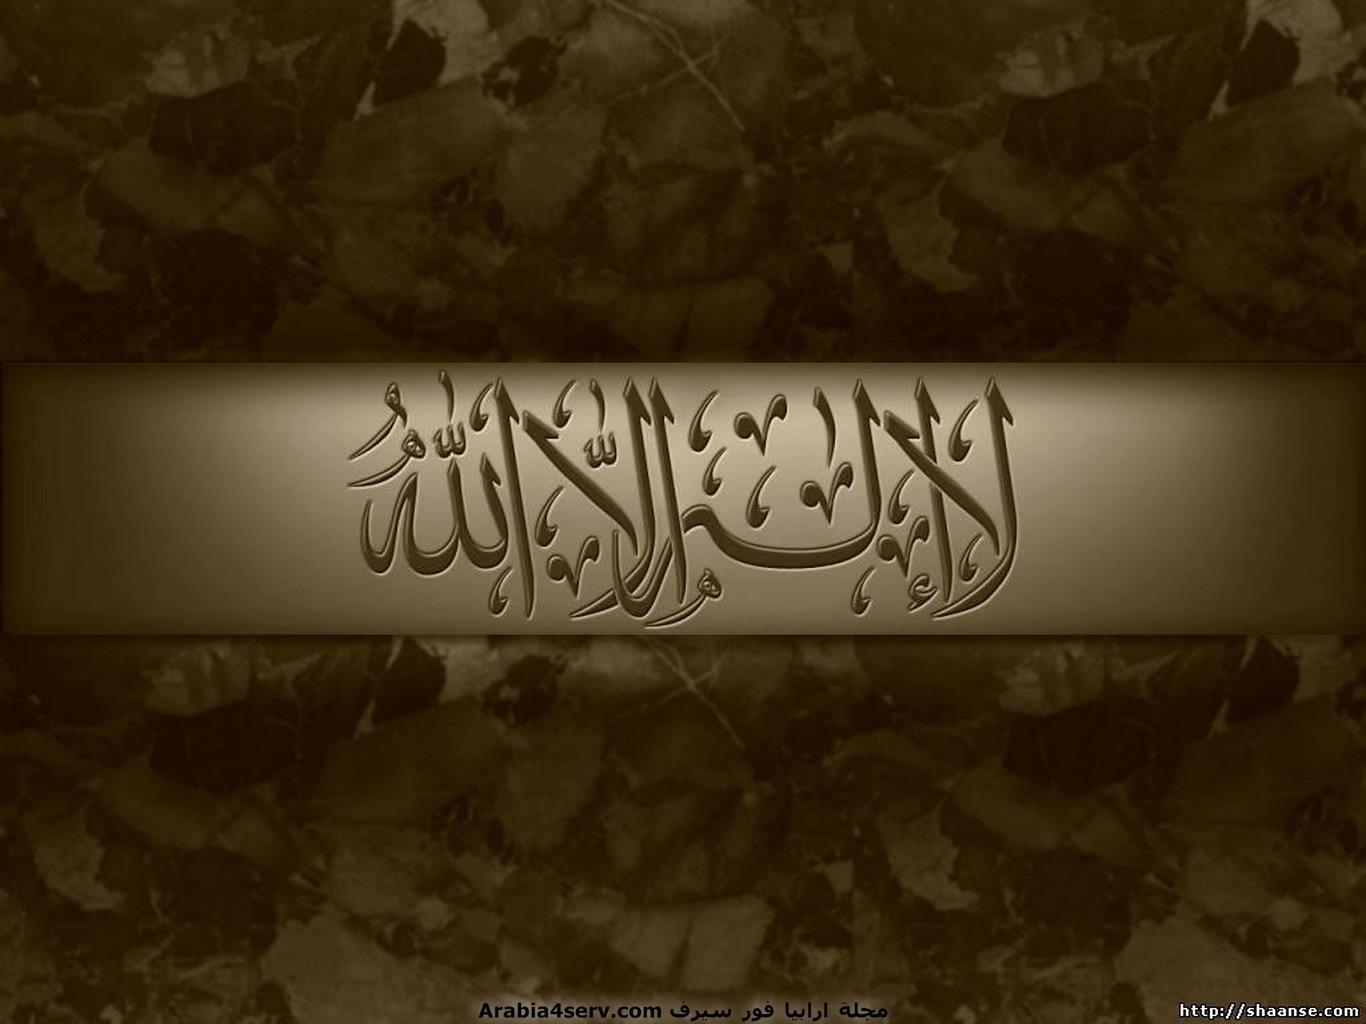 خلفيات-لا-اله-الا-الله-محمد-رسول-الله-4